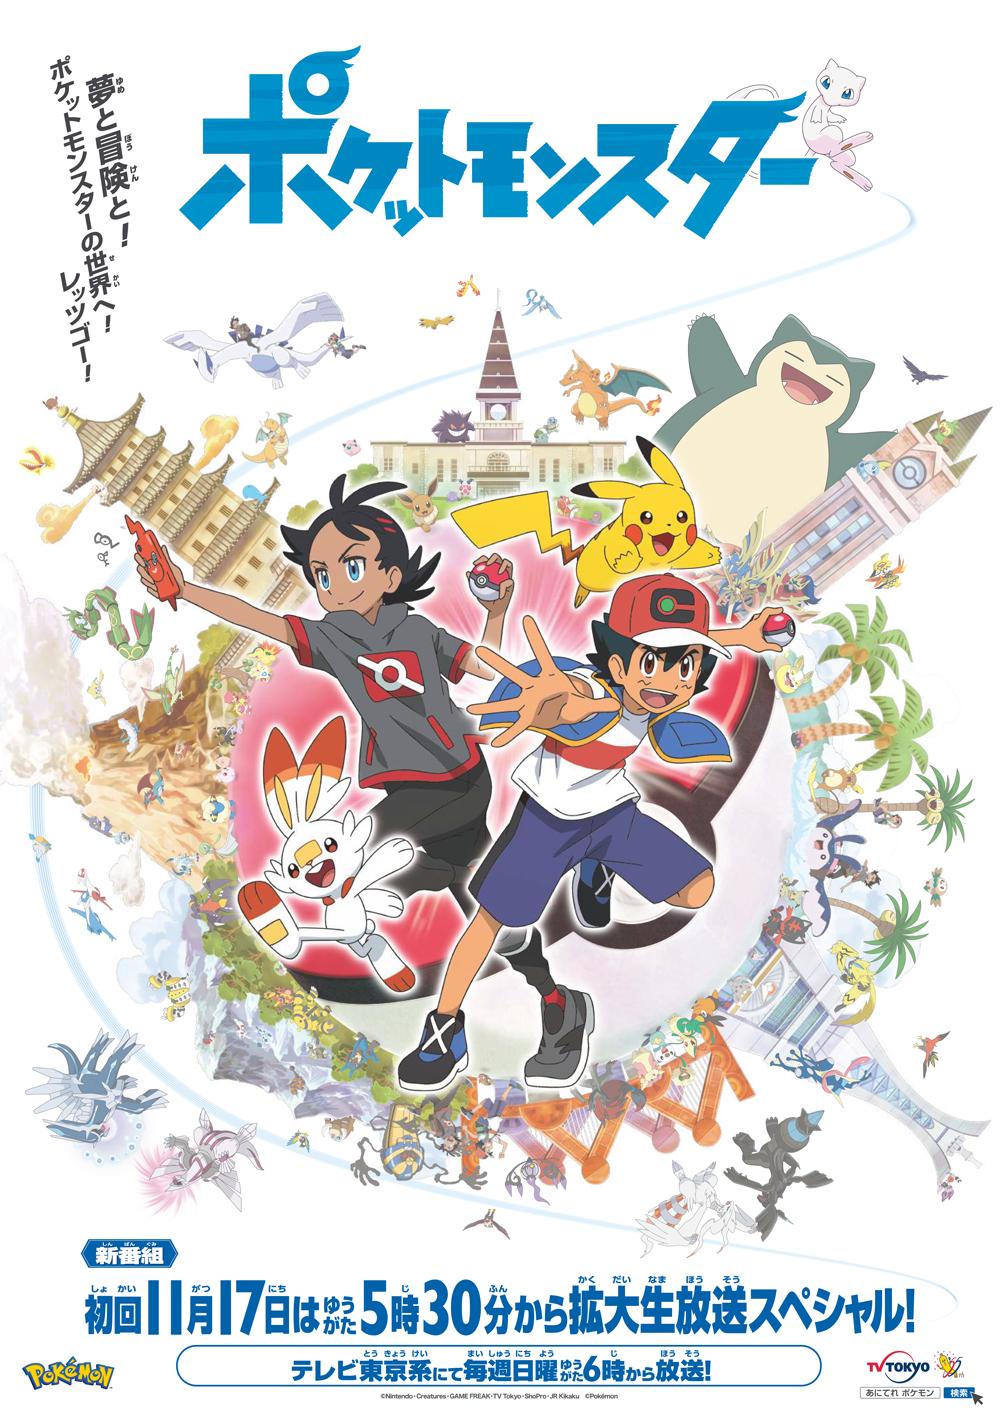 TVアニメ『ポケットモンスター』新シリーズ